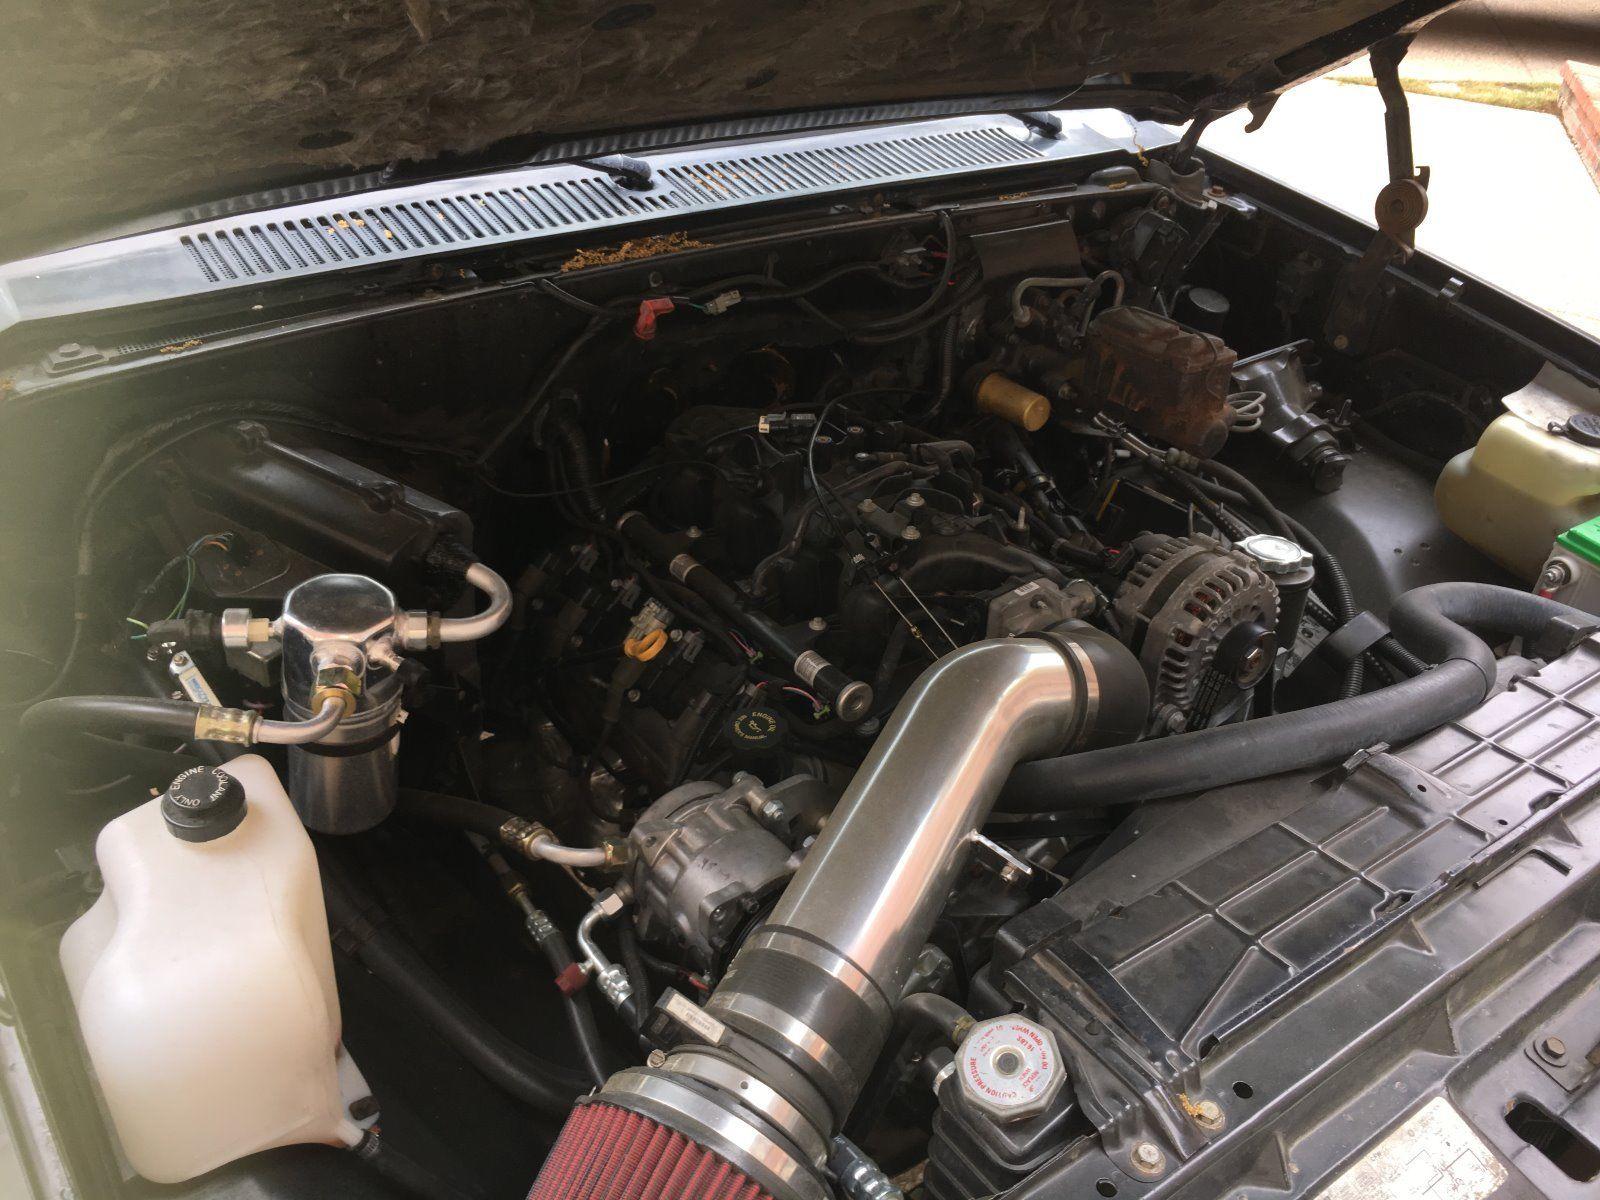 For Sale: 1988 Silverado 3500 with a LQ4 V8 – Engine Swap ...